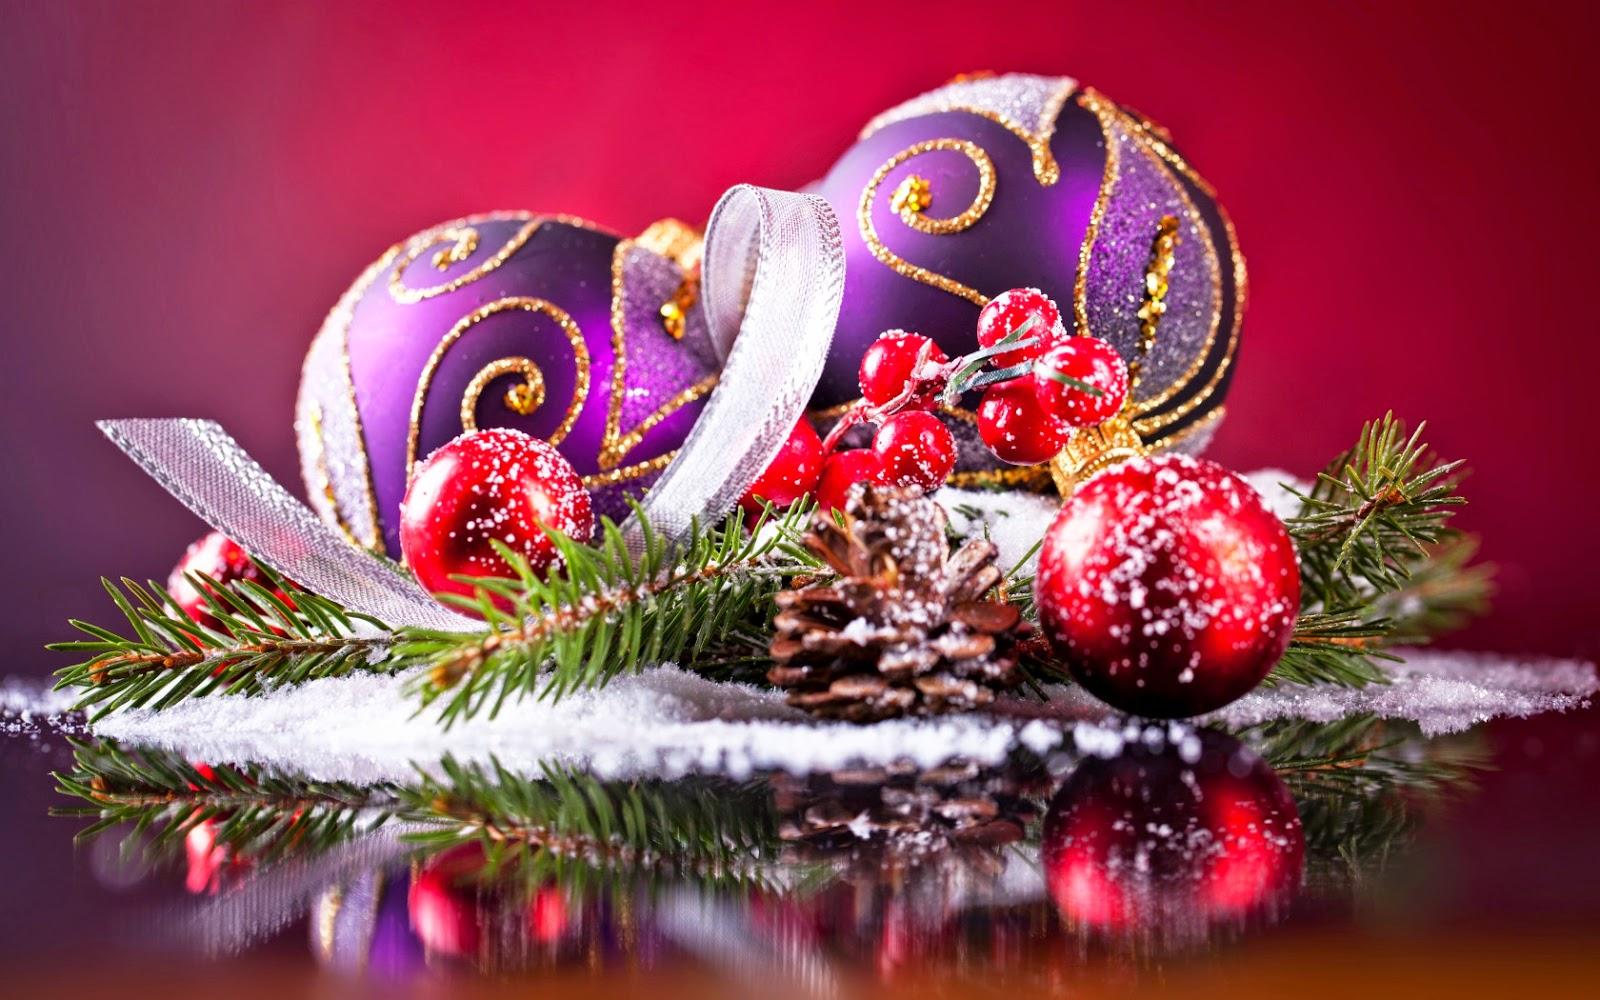 Fondos De Navidad En Hdboxbaster: Fondos De Pantalla